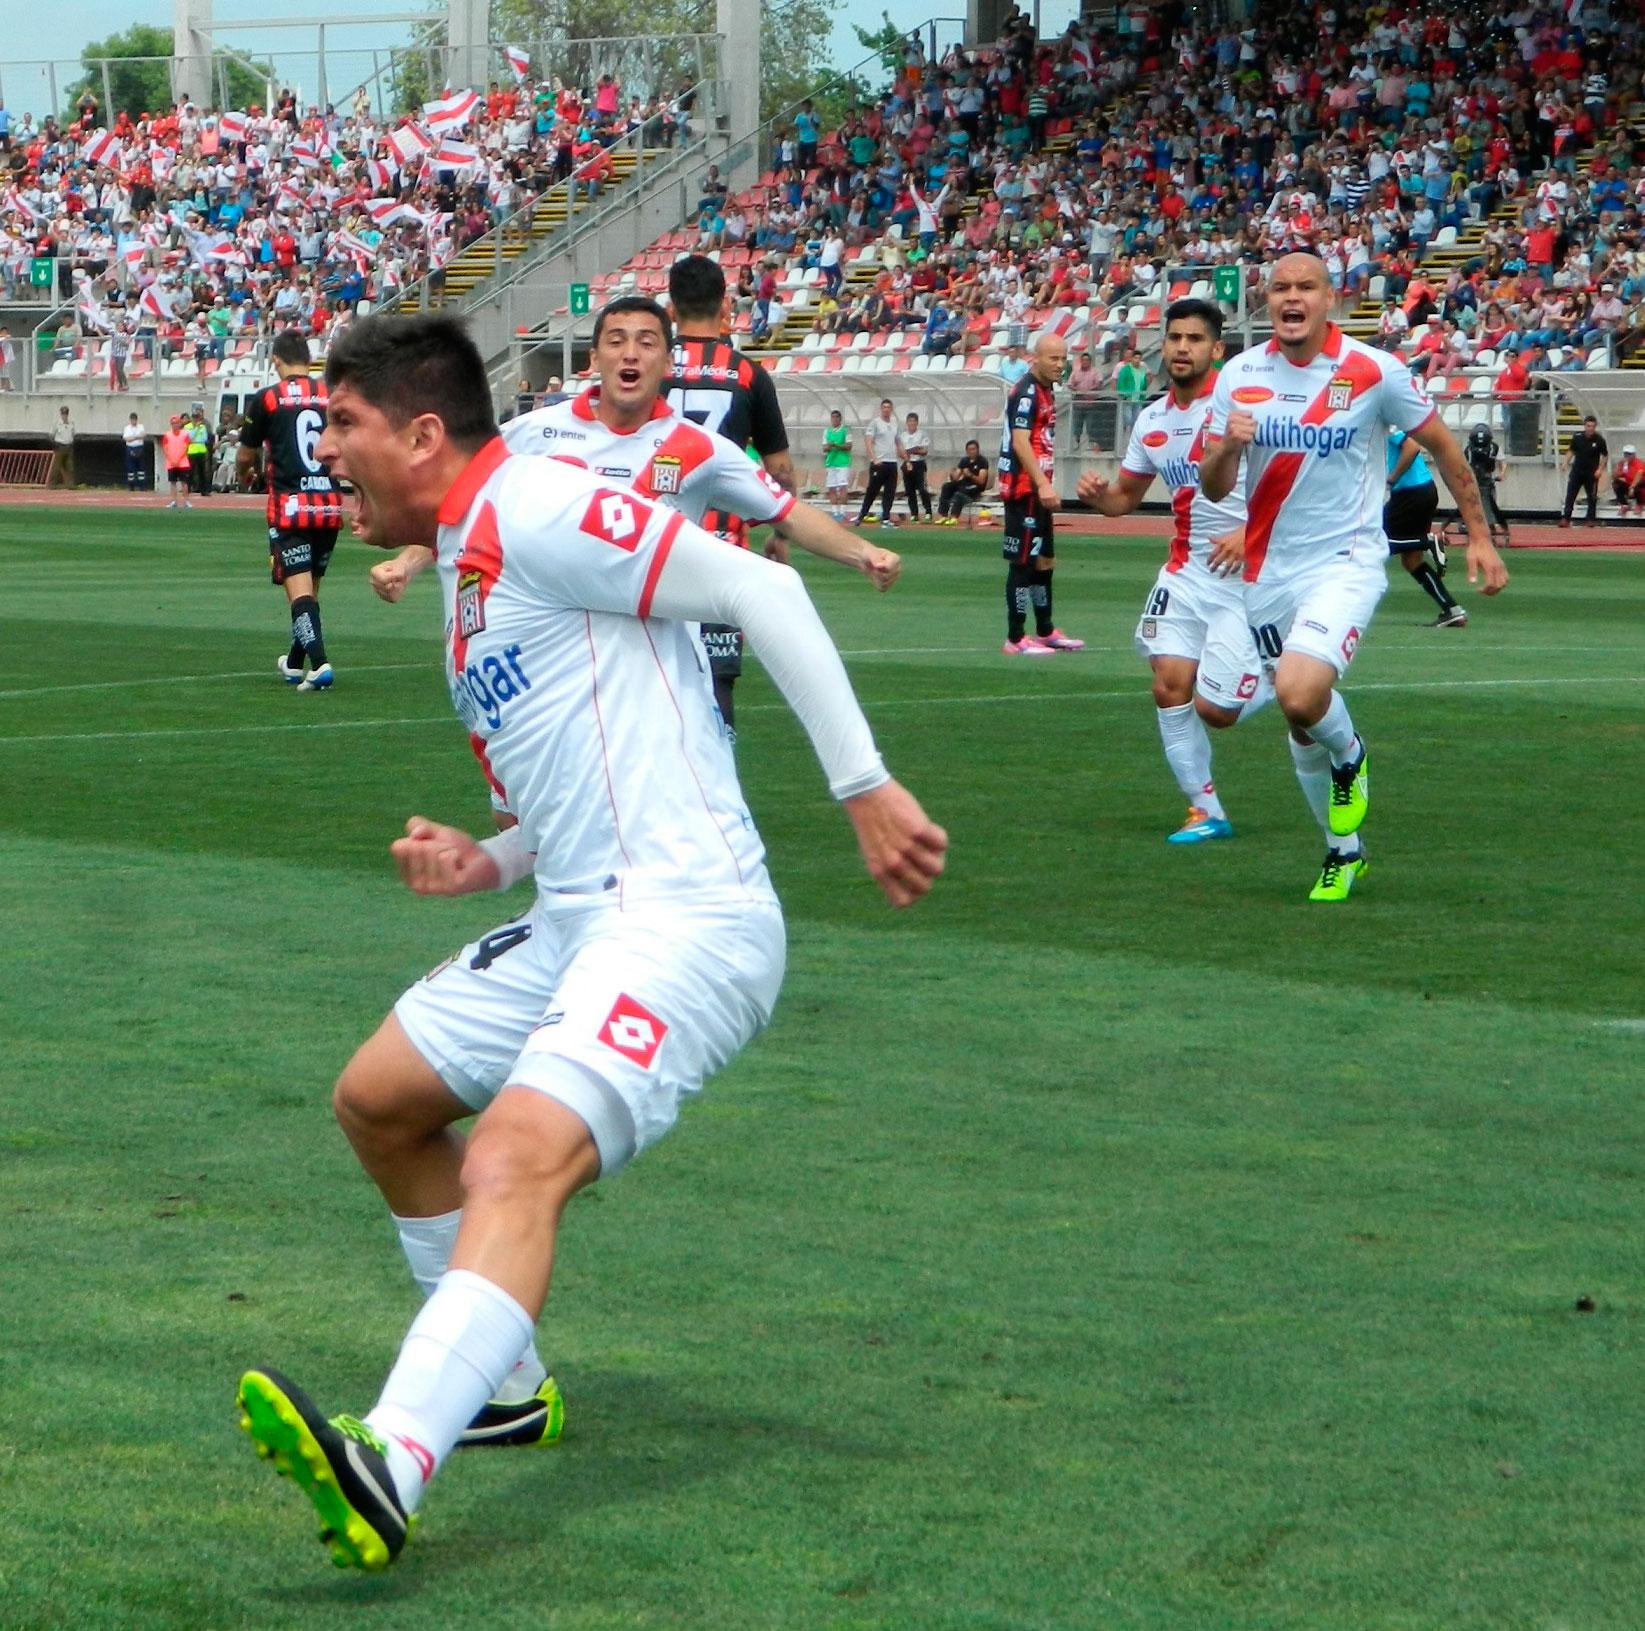 Aceval lleva 5 goles en el torneo, patea lo penales y tiros libres de este Curicó que marcha tercero.